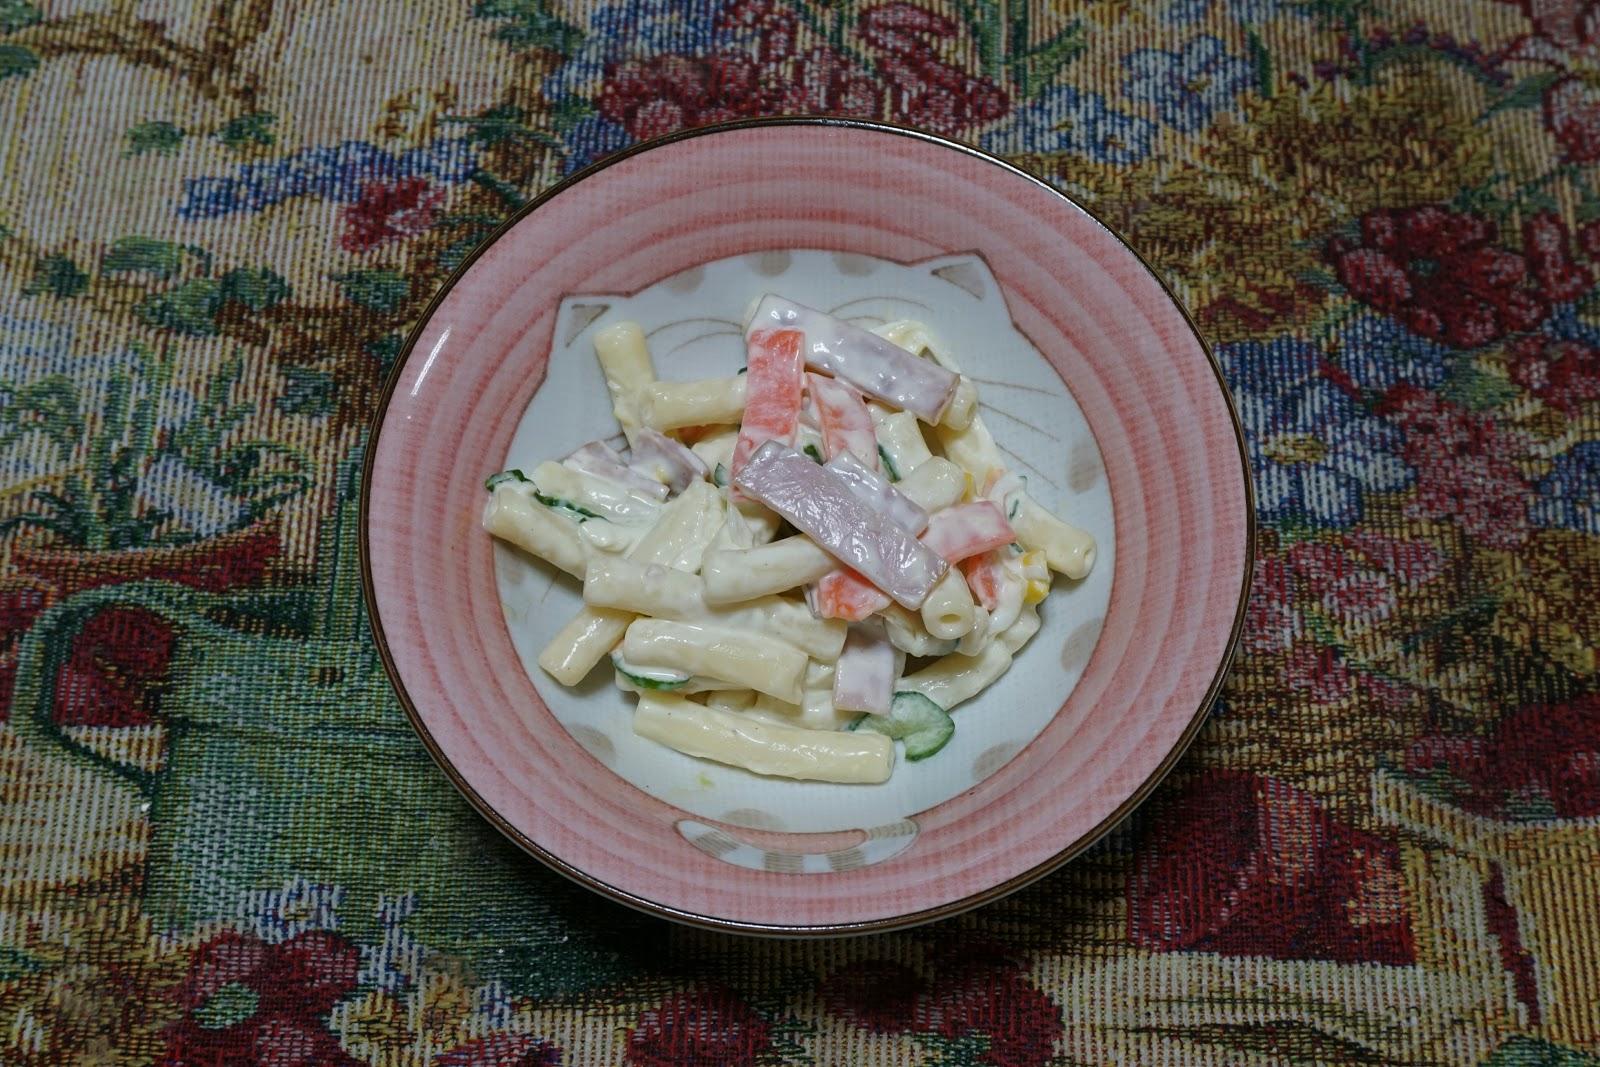 小鉢に盛り付けられたマカロニサラダ